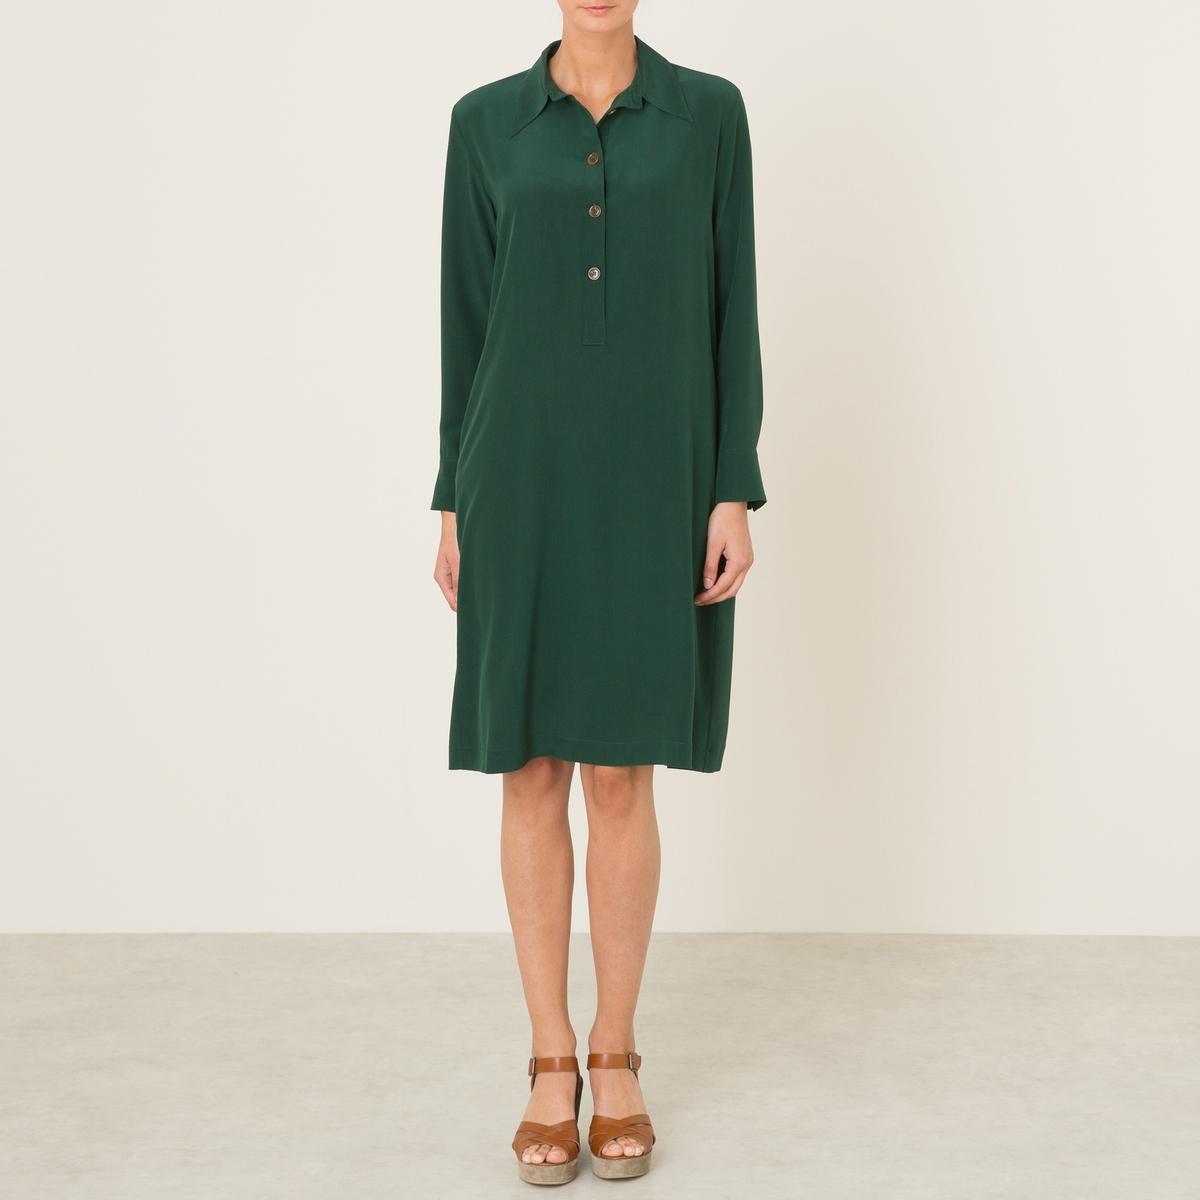 Платье DEMETRAСостав и описание :Материал : 100% шелкМарка : MOMONI<br><br>Цвет: зеленый<br>Размер: XL.M